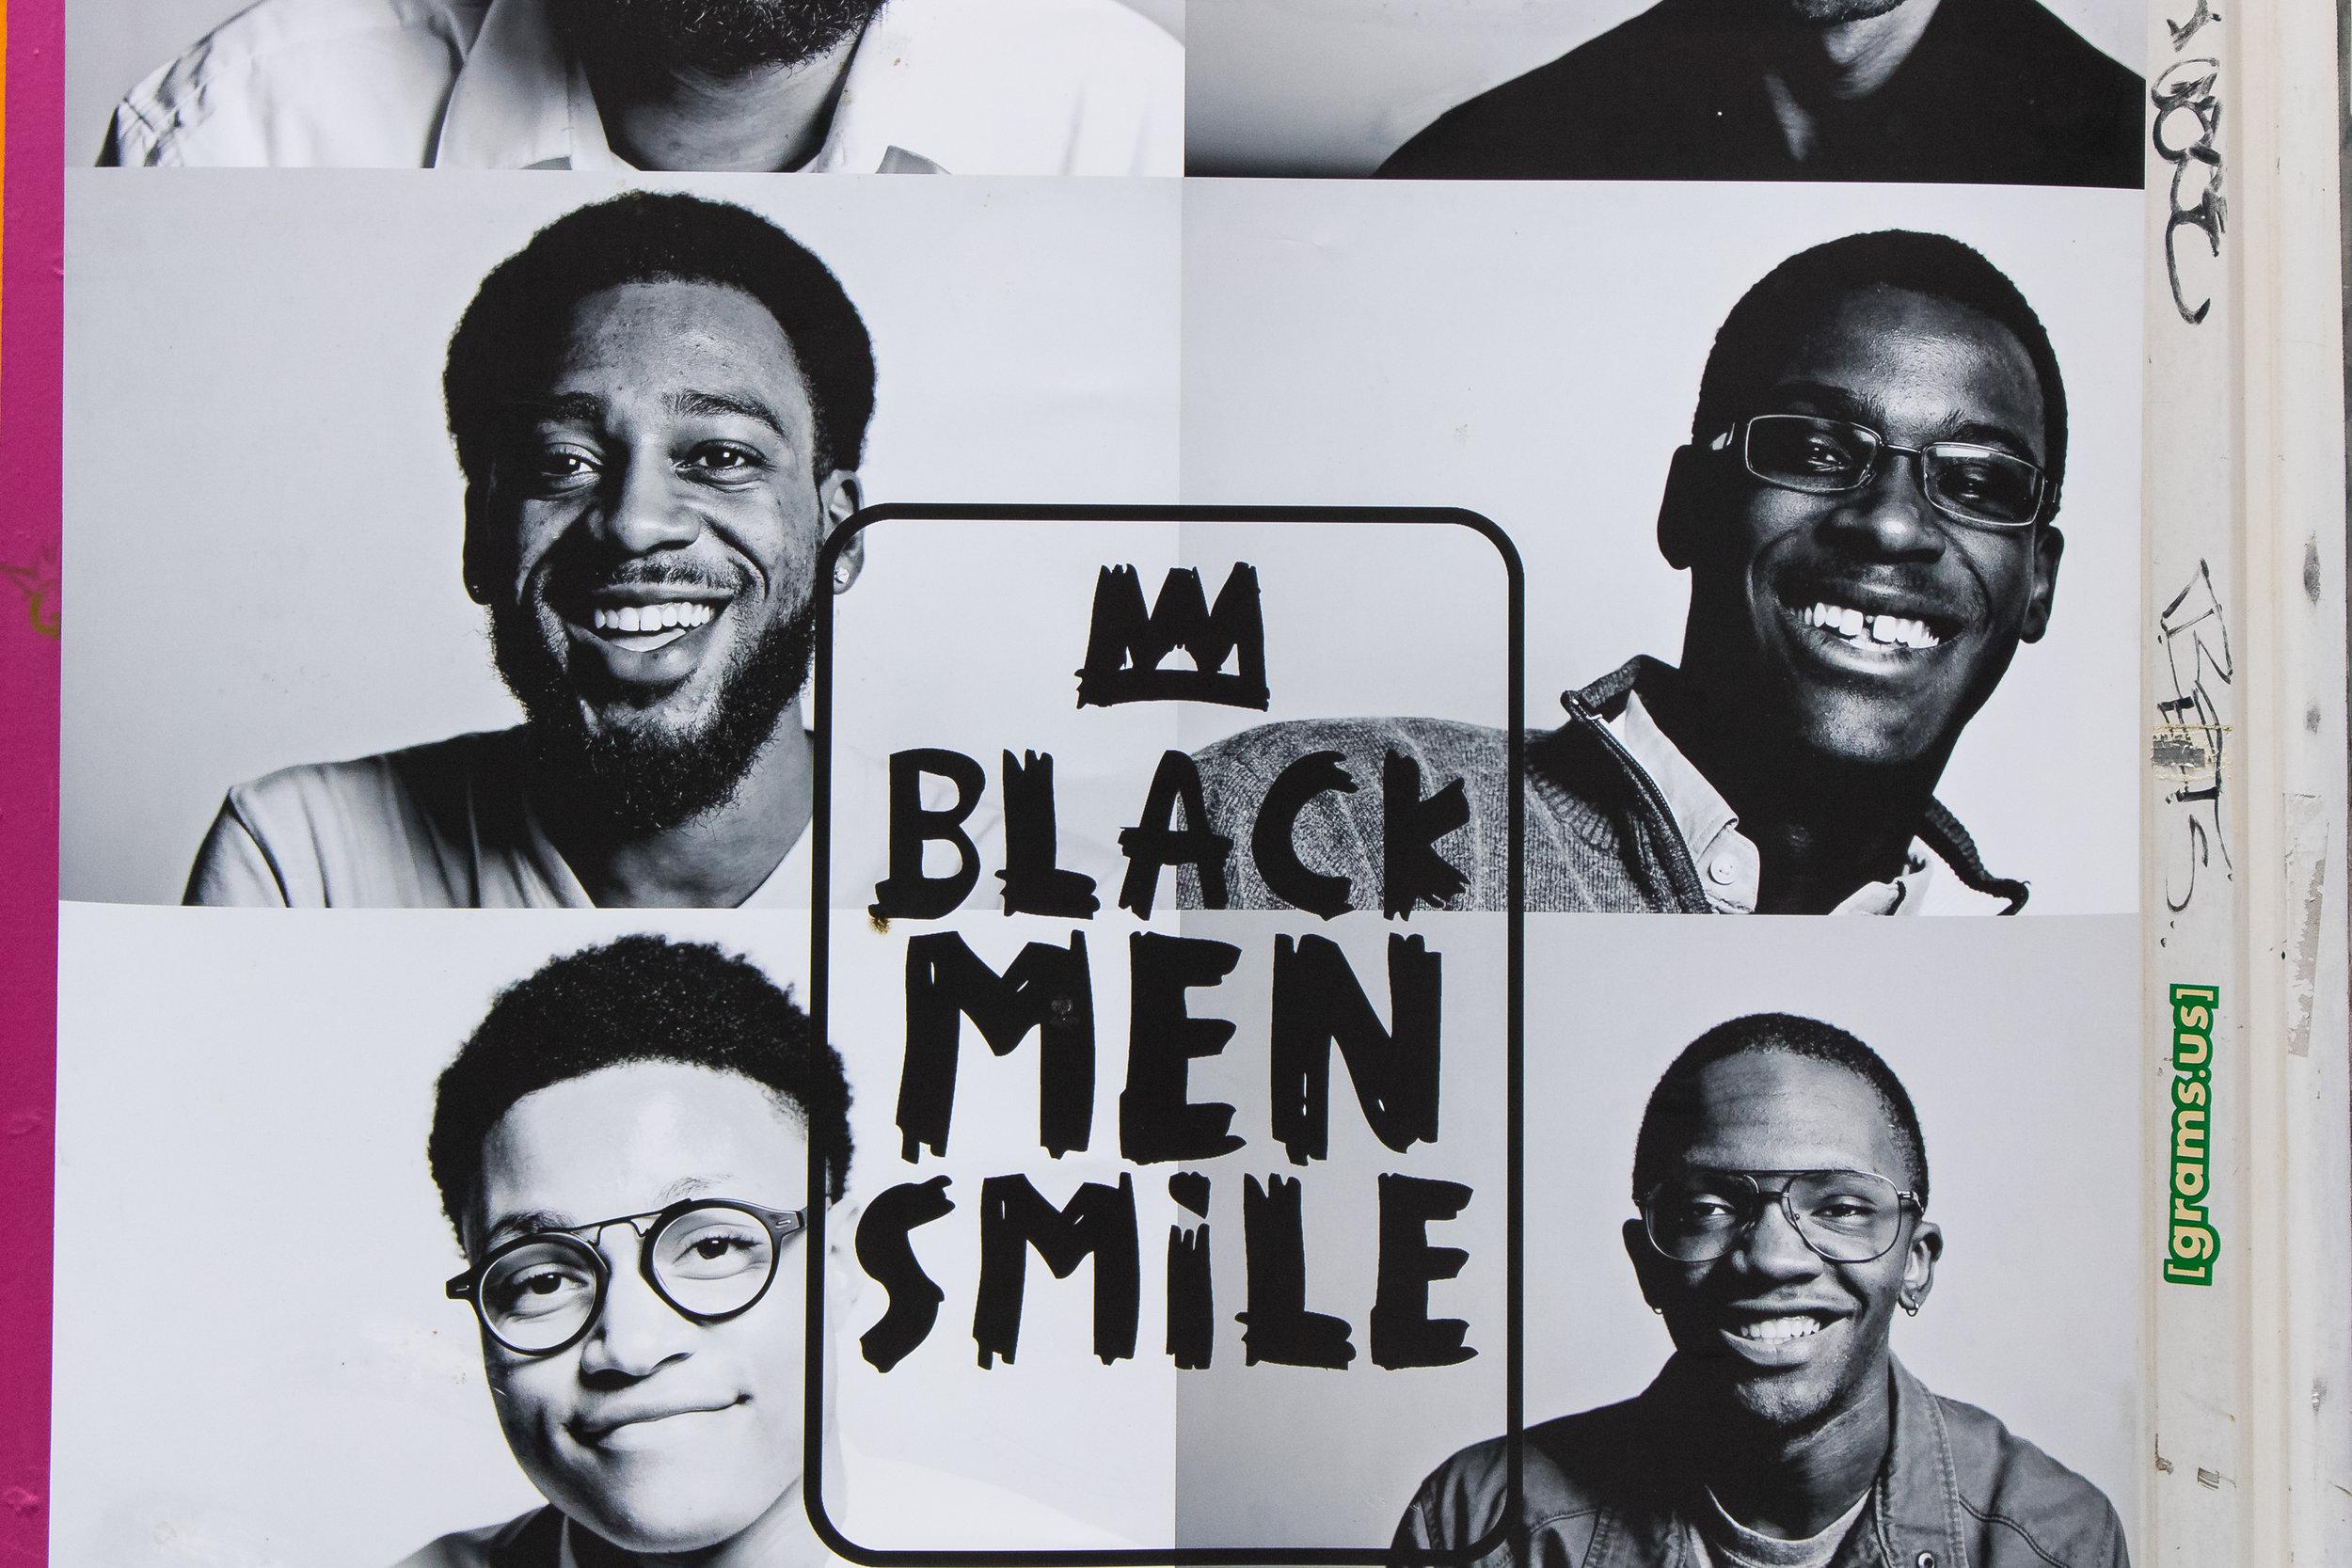 Black Men Smile - 2017 -Black Men Smile - 2017 -IMG_2193 (resized).jpg